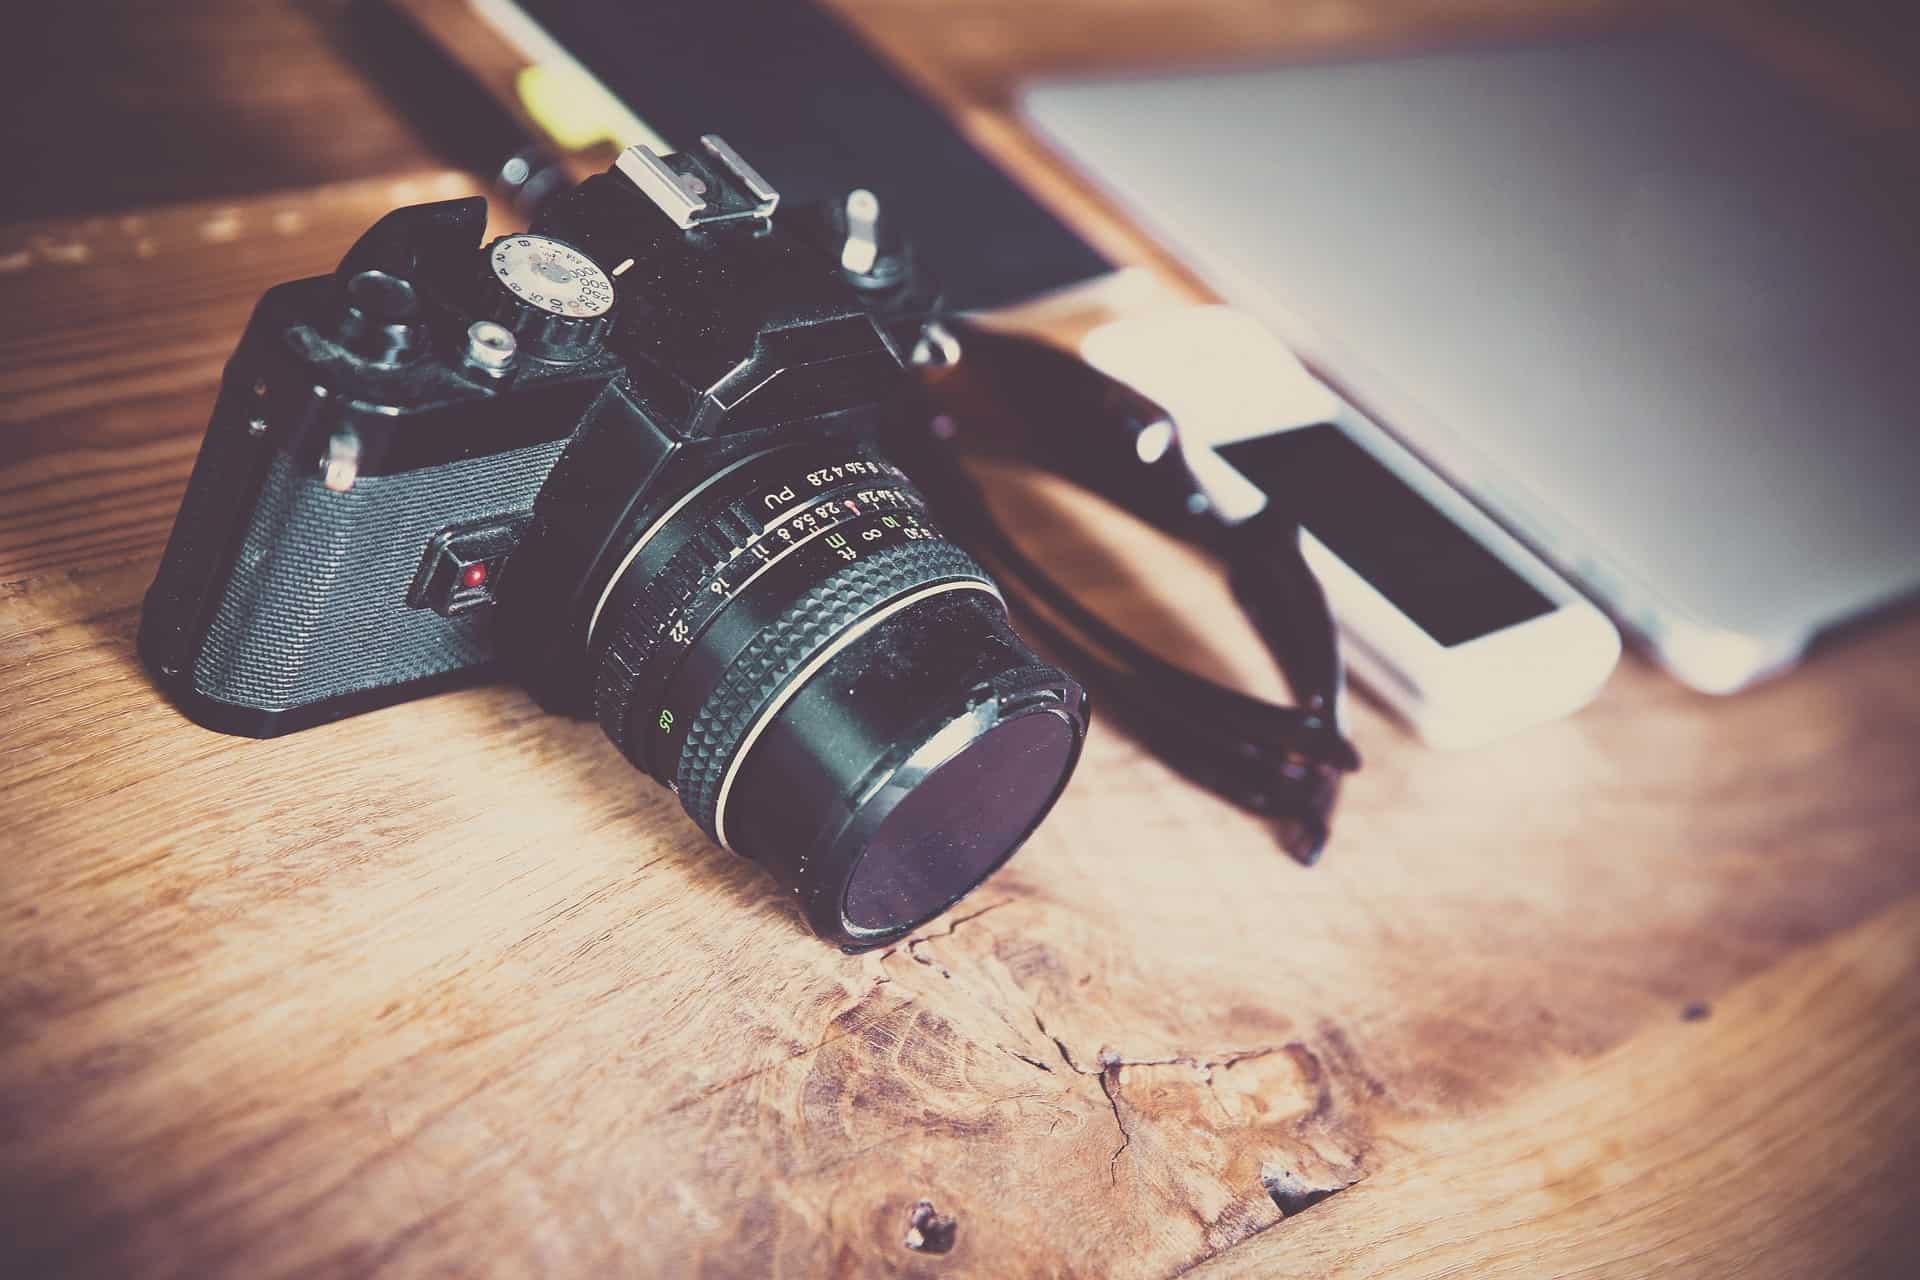 Kameratasche: Test & Empfehlungen (05/21)